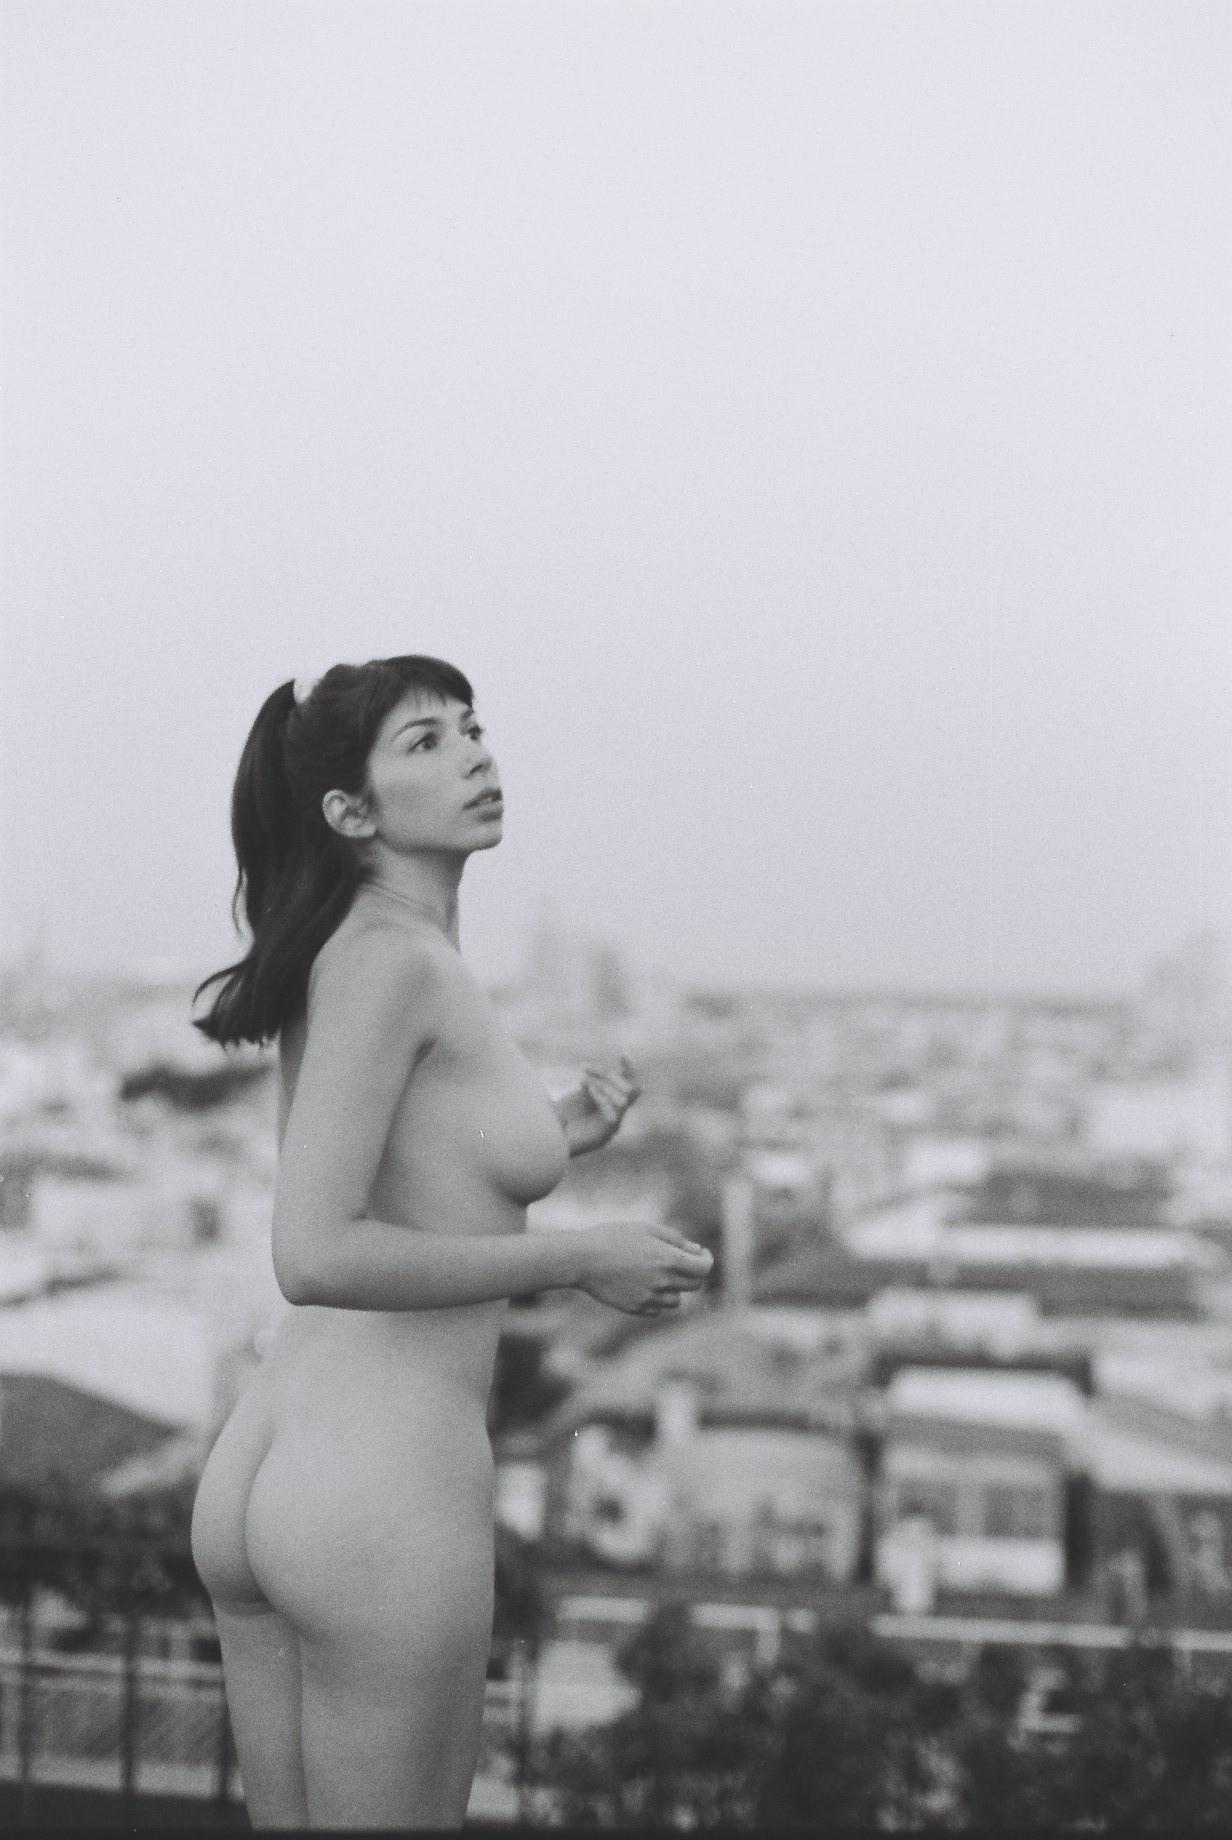 María_Asensi_Borjafilms_06.JPG